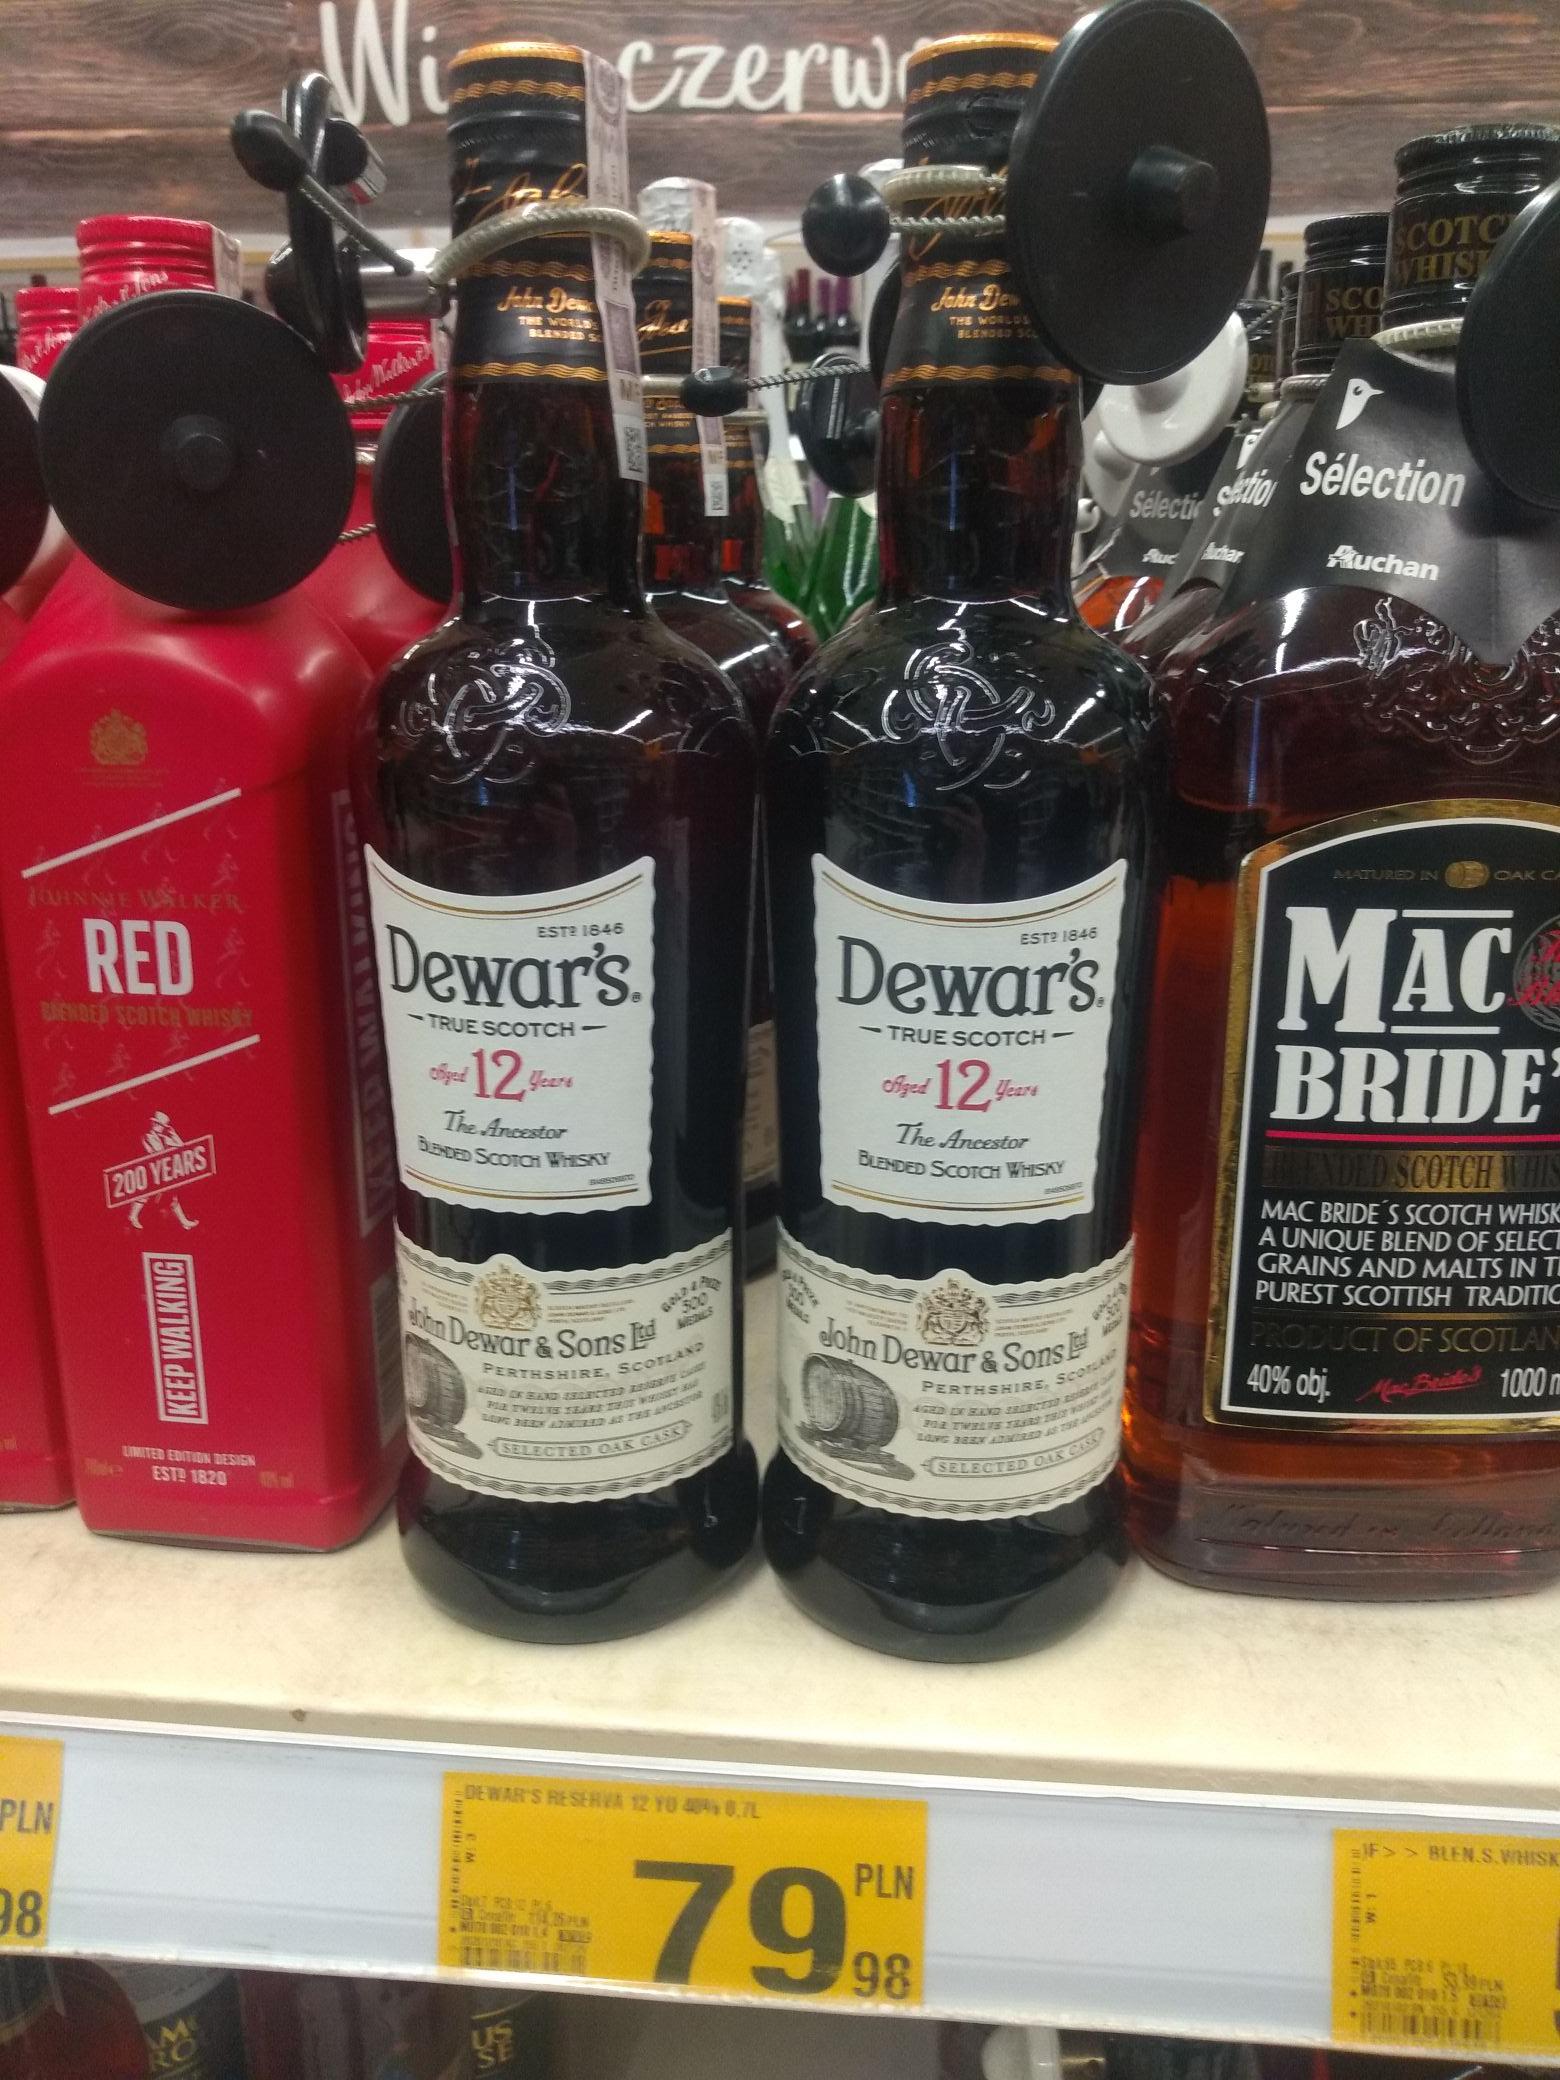 0,7 Whisky Dewar's 12